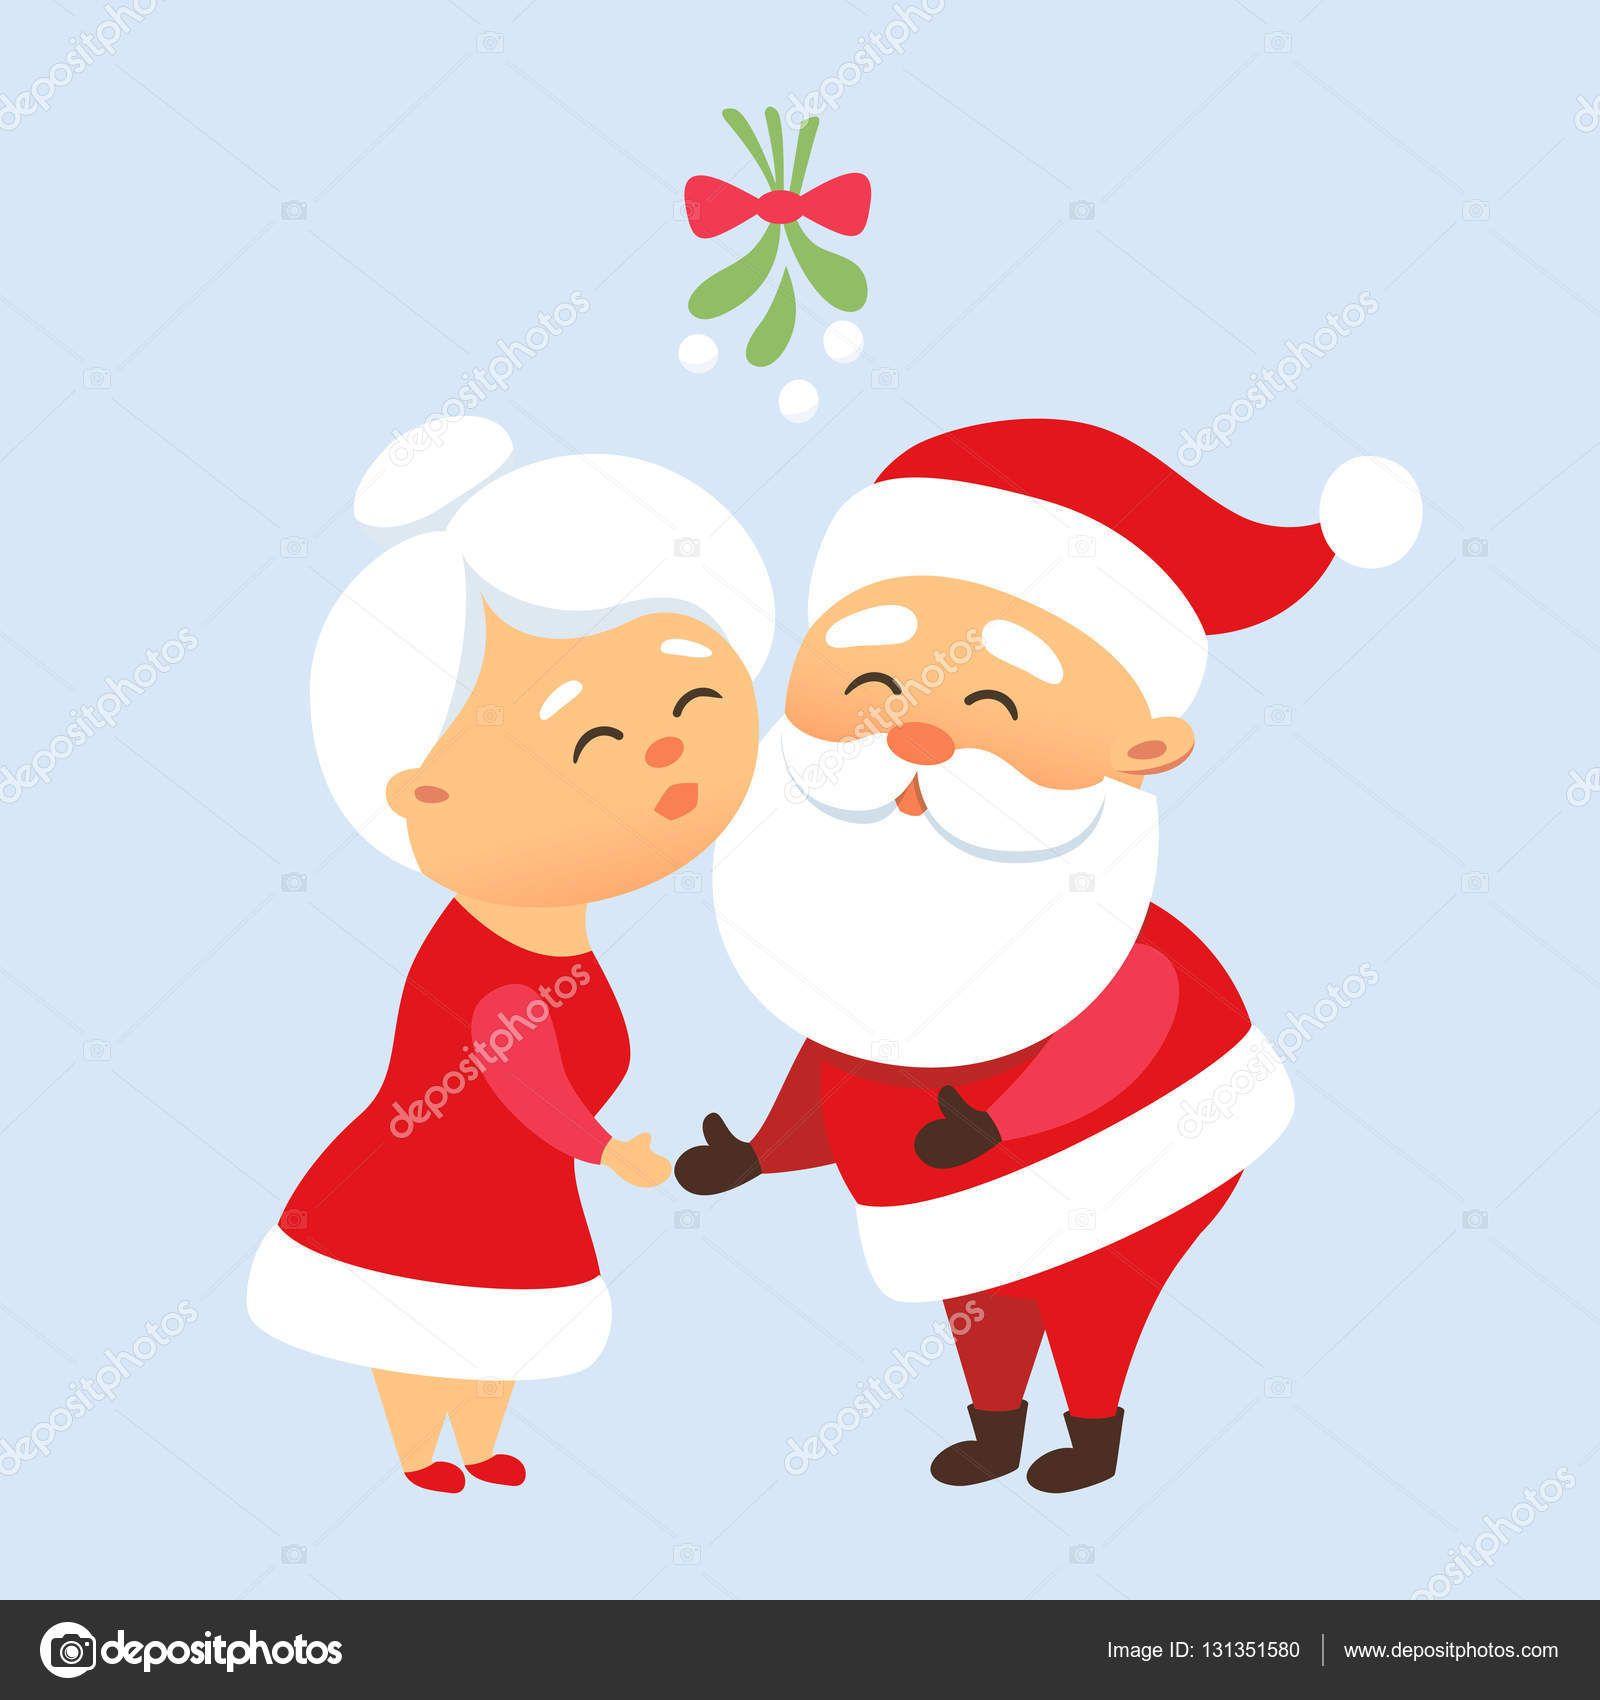 Resultado De Imagen Para Esposa De Santa Claus Dibujo Santa Claus Story Christmas Character Santa Claus Illustration